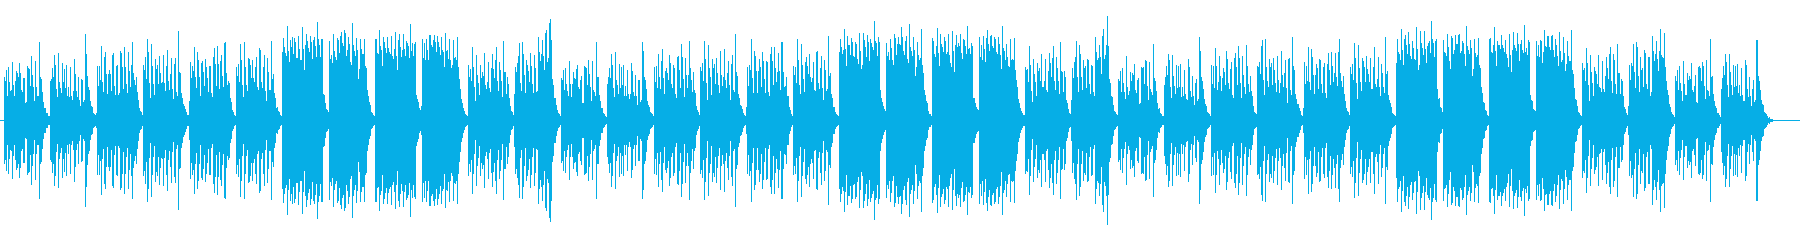 かわいいファンタジーなシンセサイザー曲の再生済みの波形